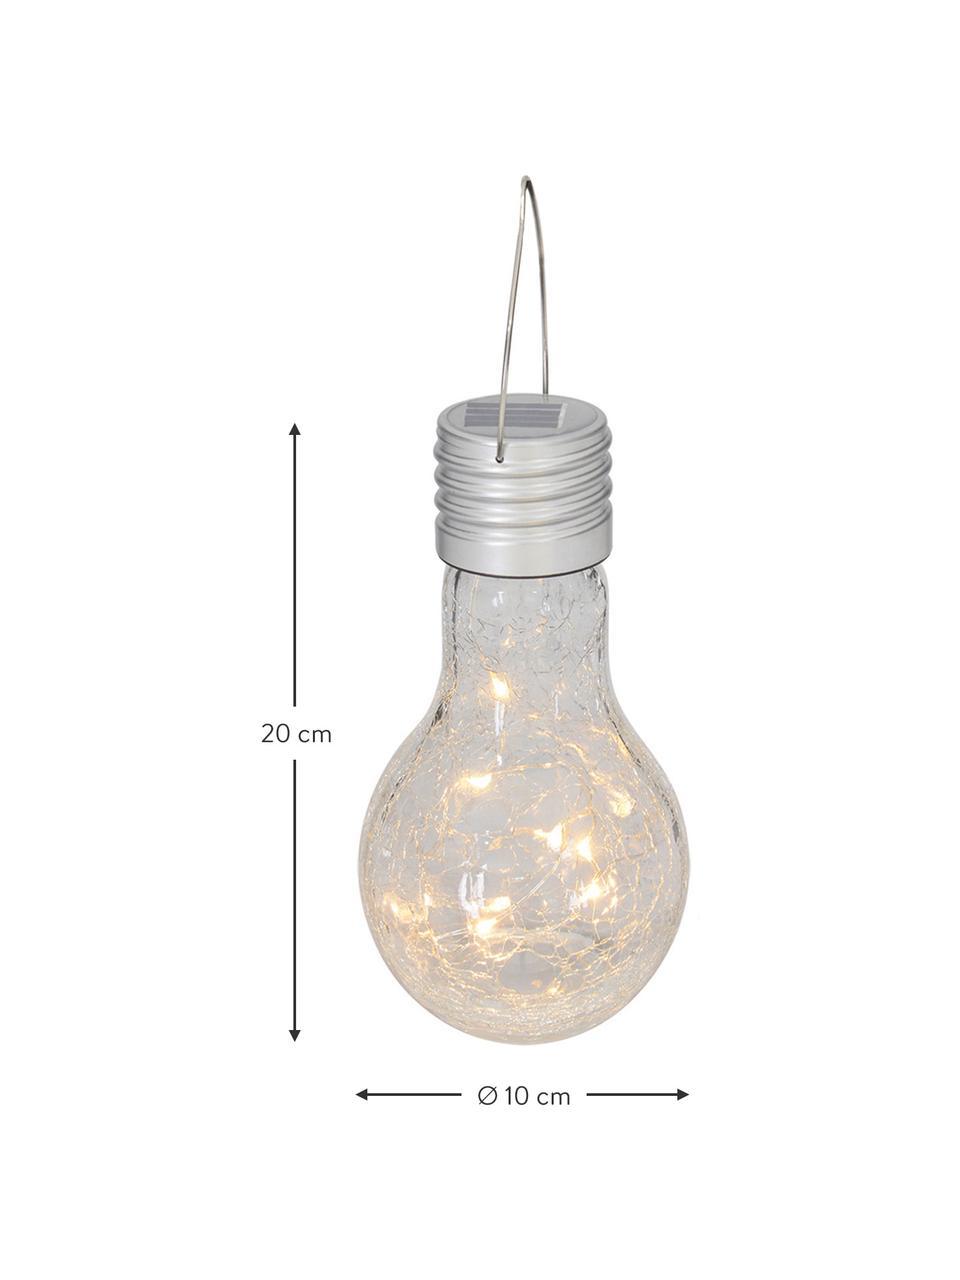 Ampoule solaire LED mobile Martin, 3pièces, Abat-jour: transparent Douille: nickel